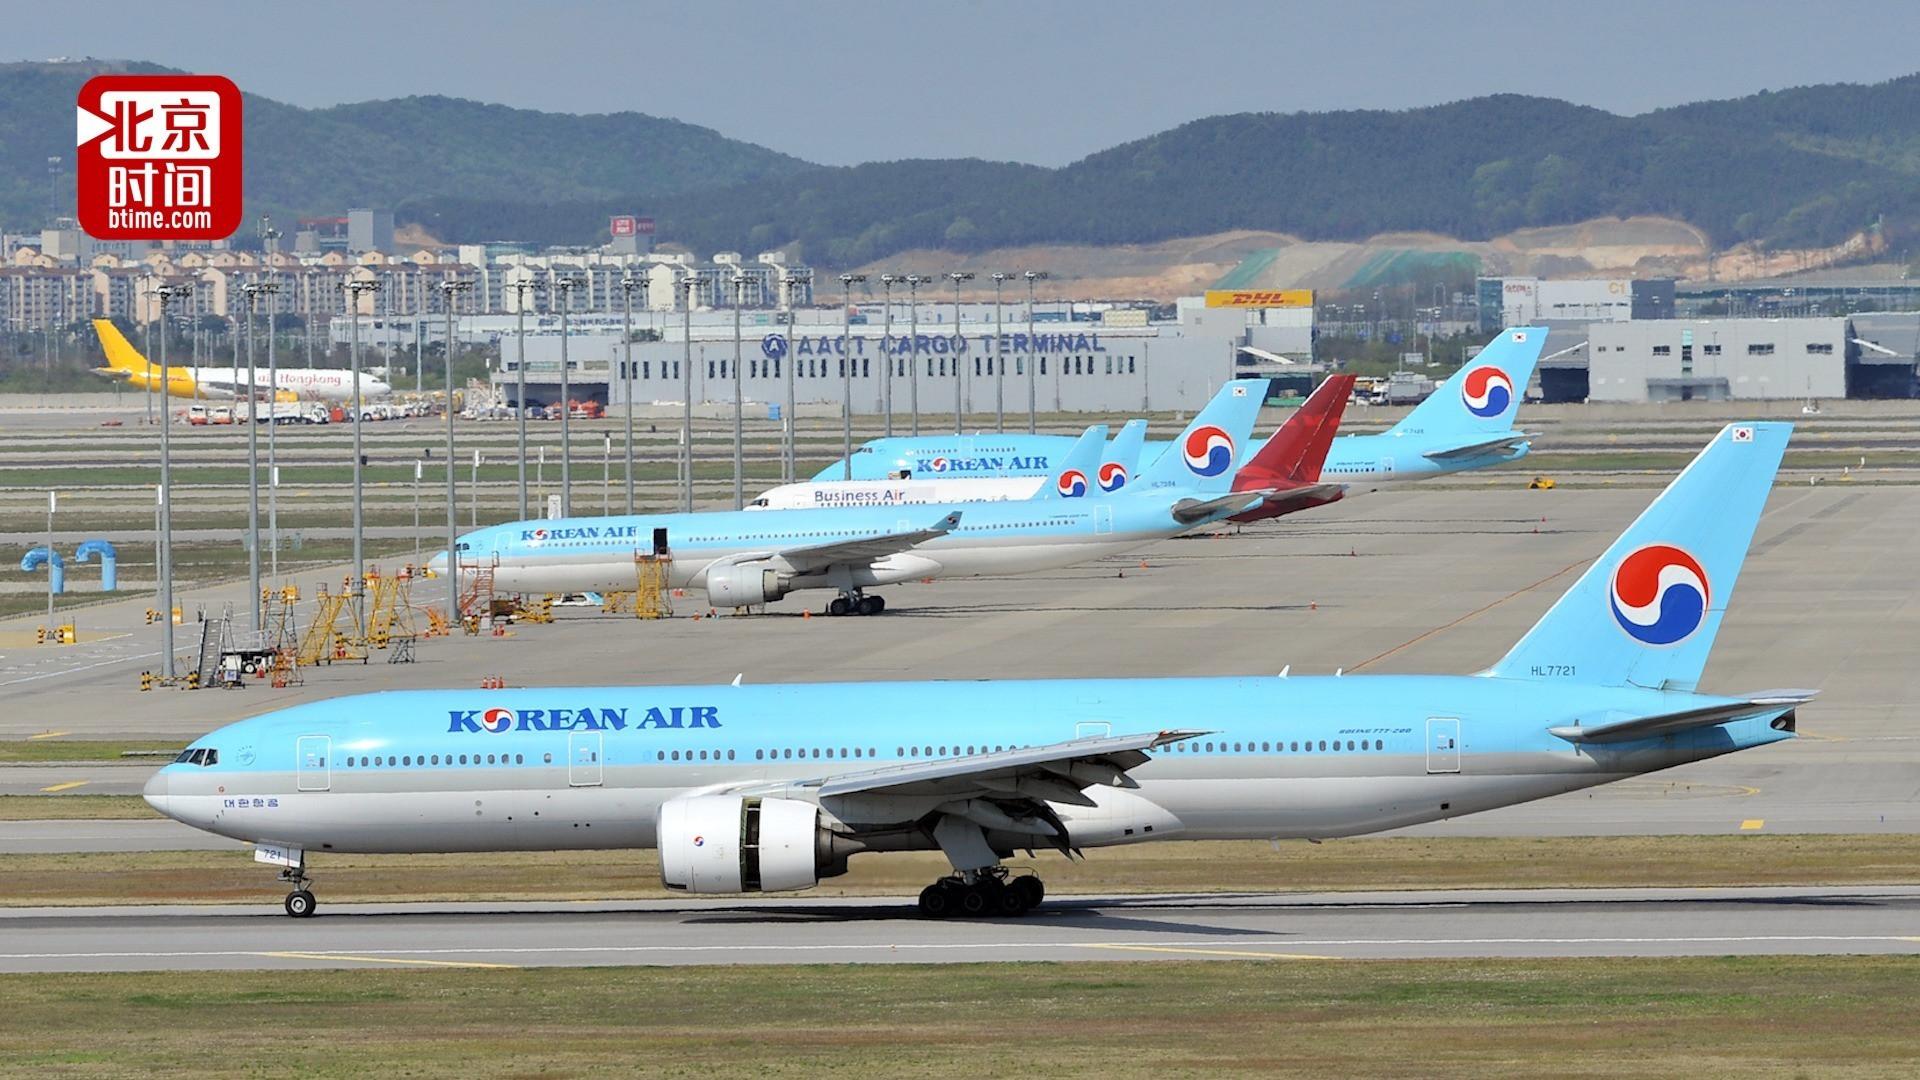 韩媒:因中国航司待遇优厚 五年来八成离职韩国飞行员跳槽至中国航司